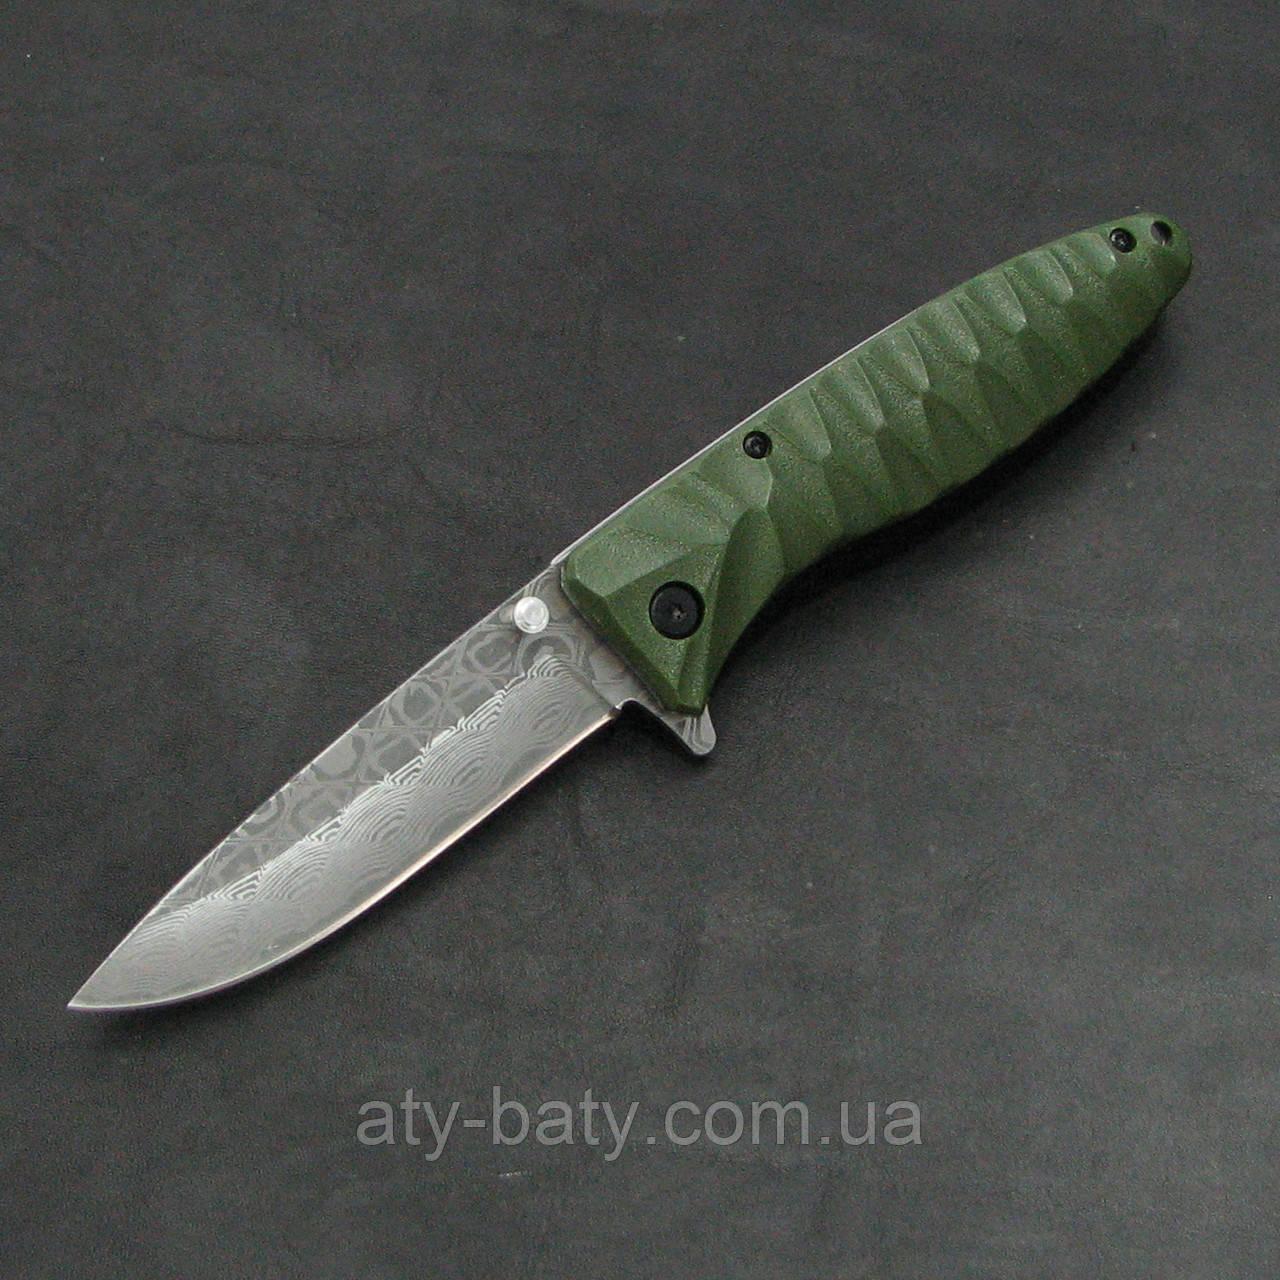 Складной нож Ganzo G620g-2, зеленый с травлением